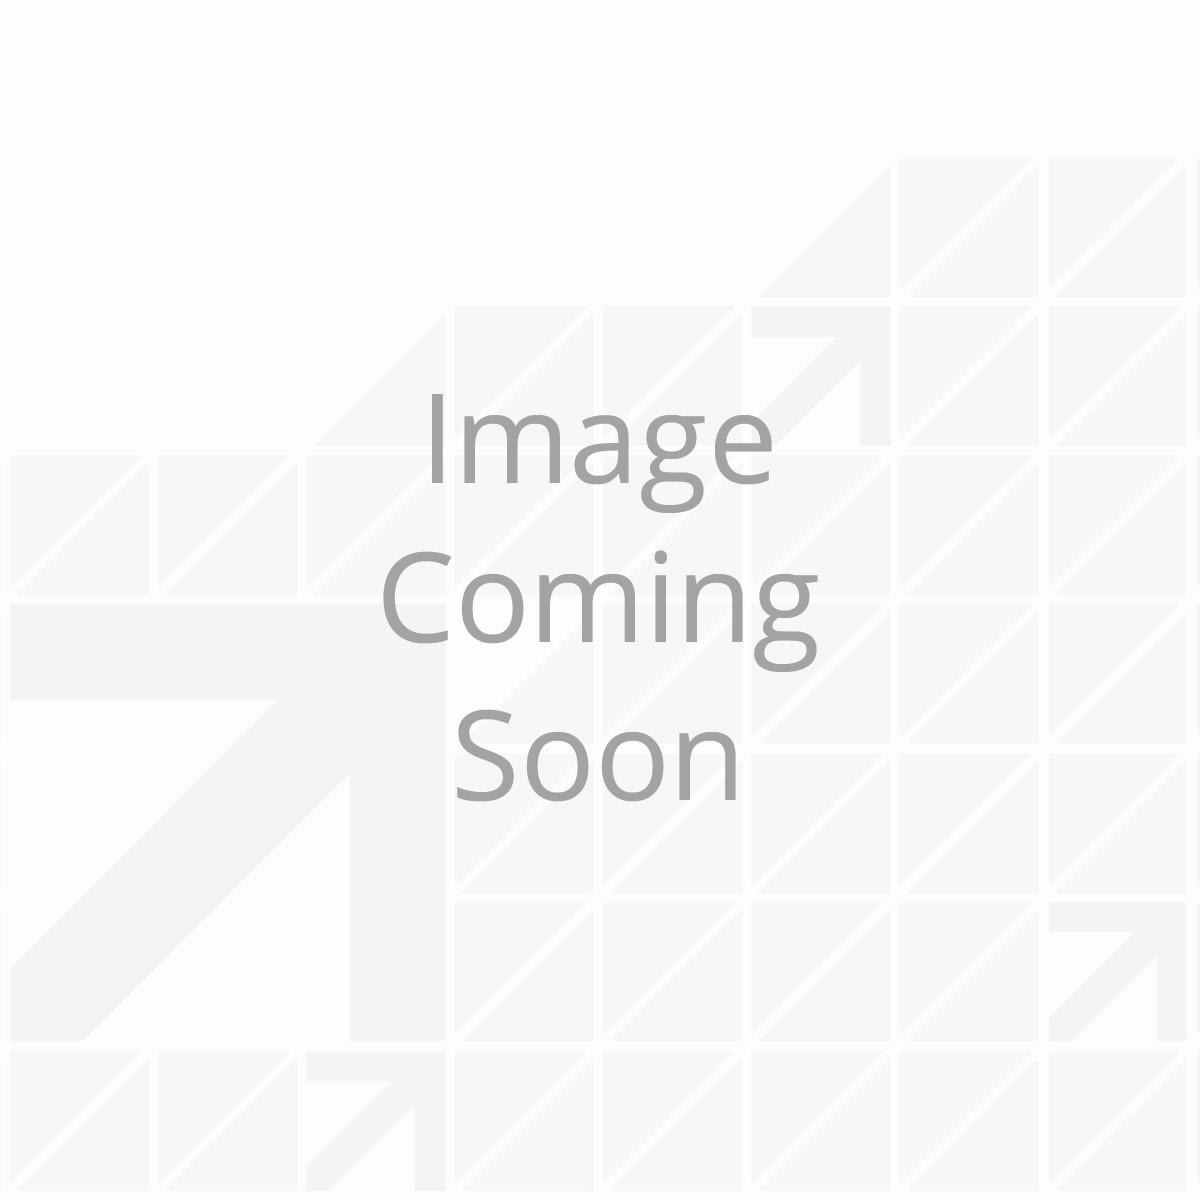 Compression Latch with Key Locking Plug - Silver